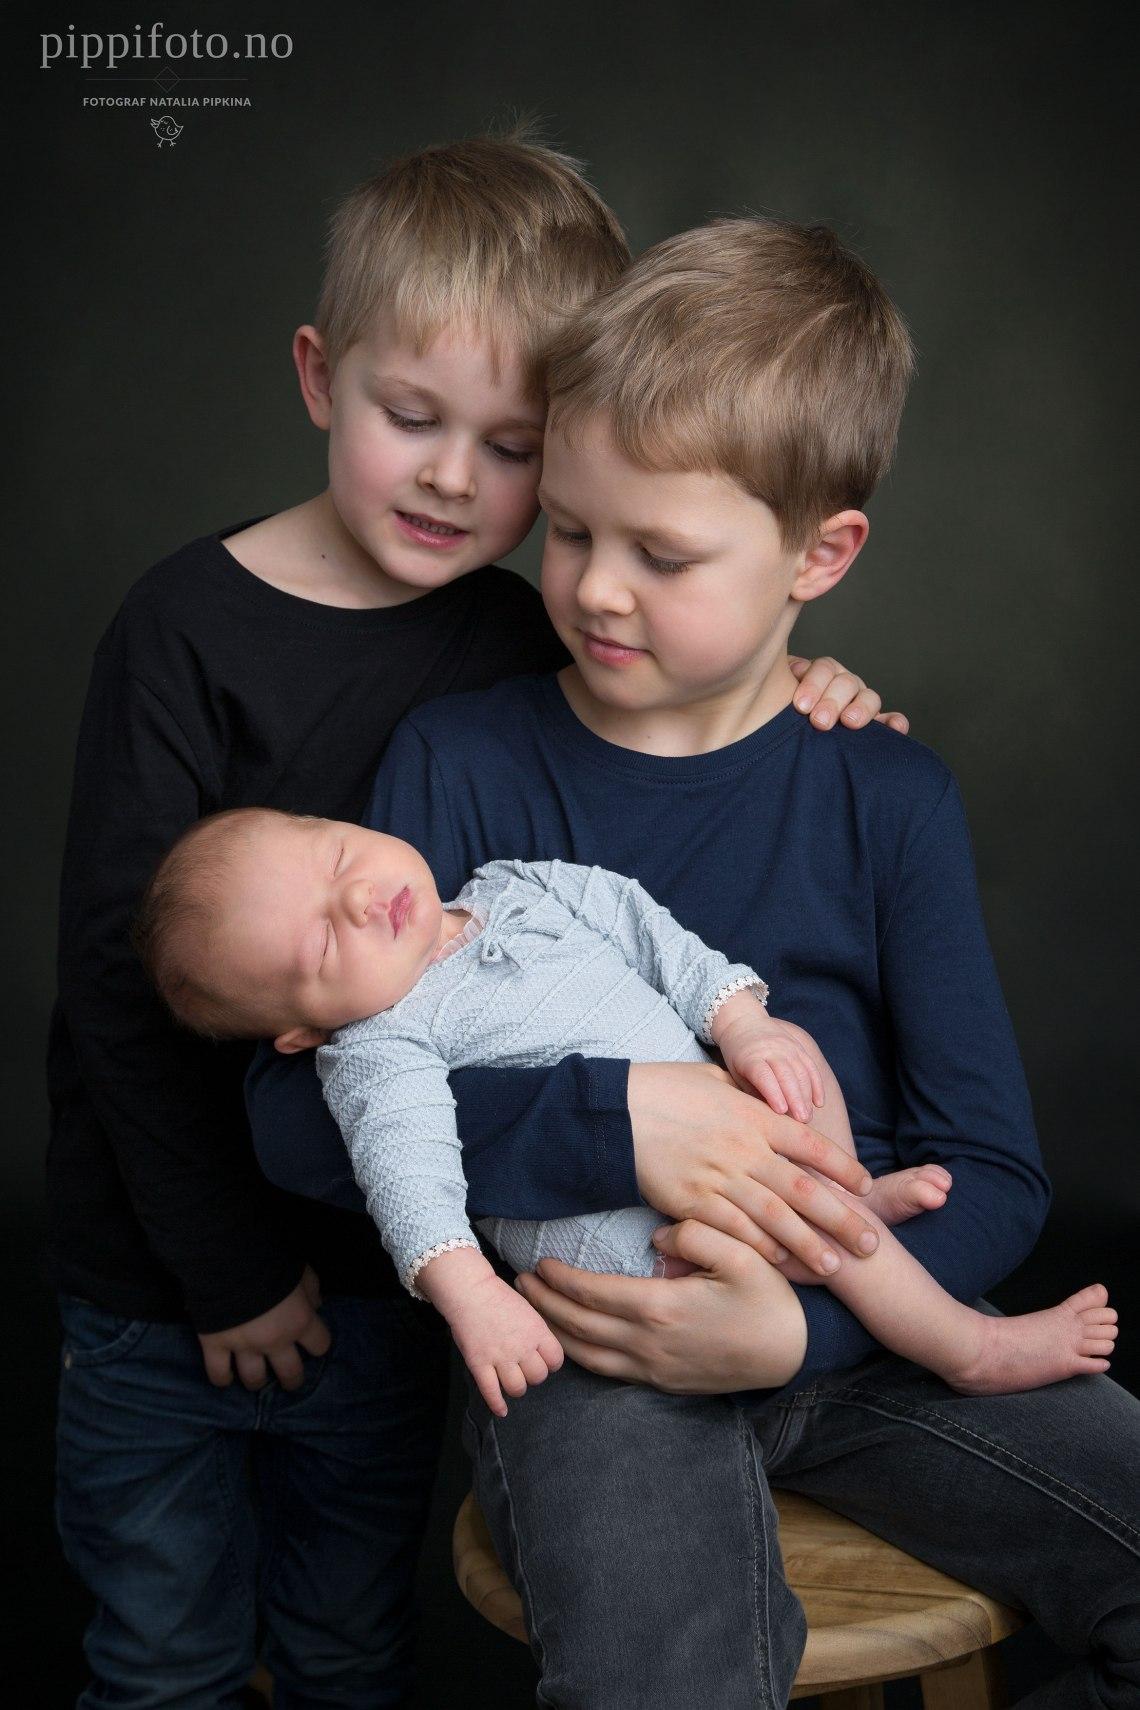 søskenfoto-søskenbilder-nyfødtfotografering-nyfødtfoto-familiefotografering